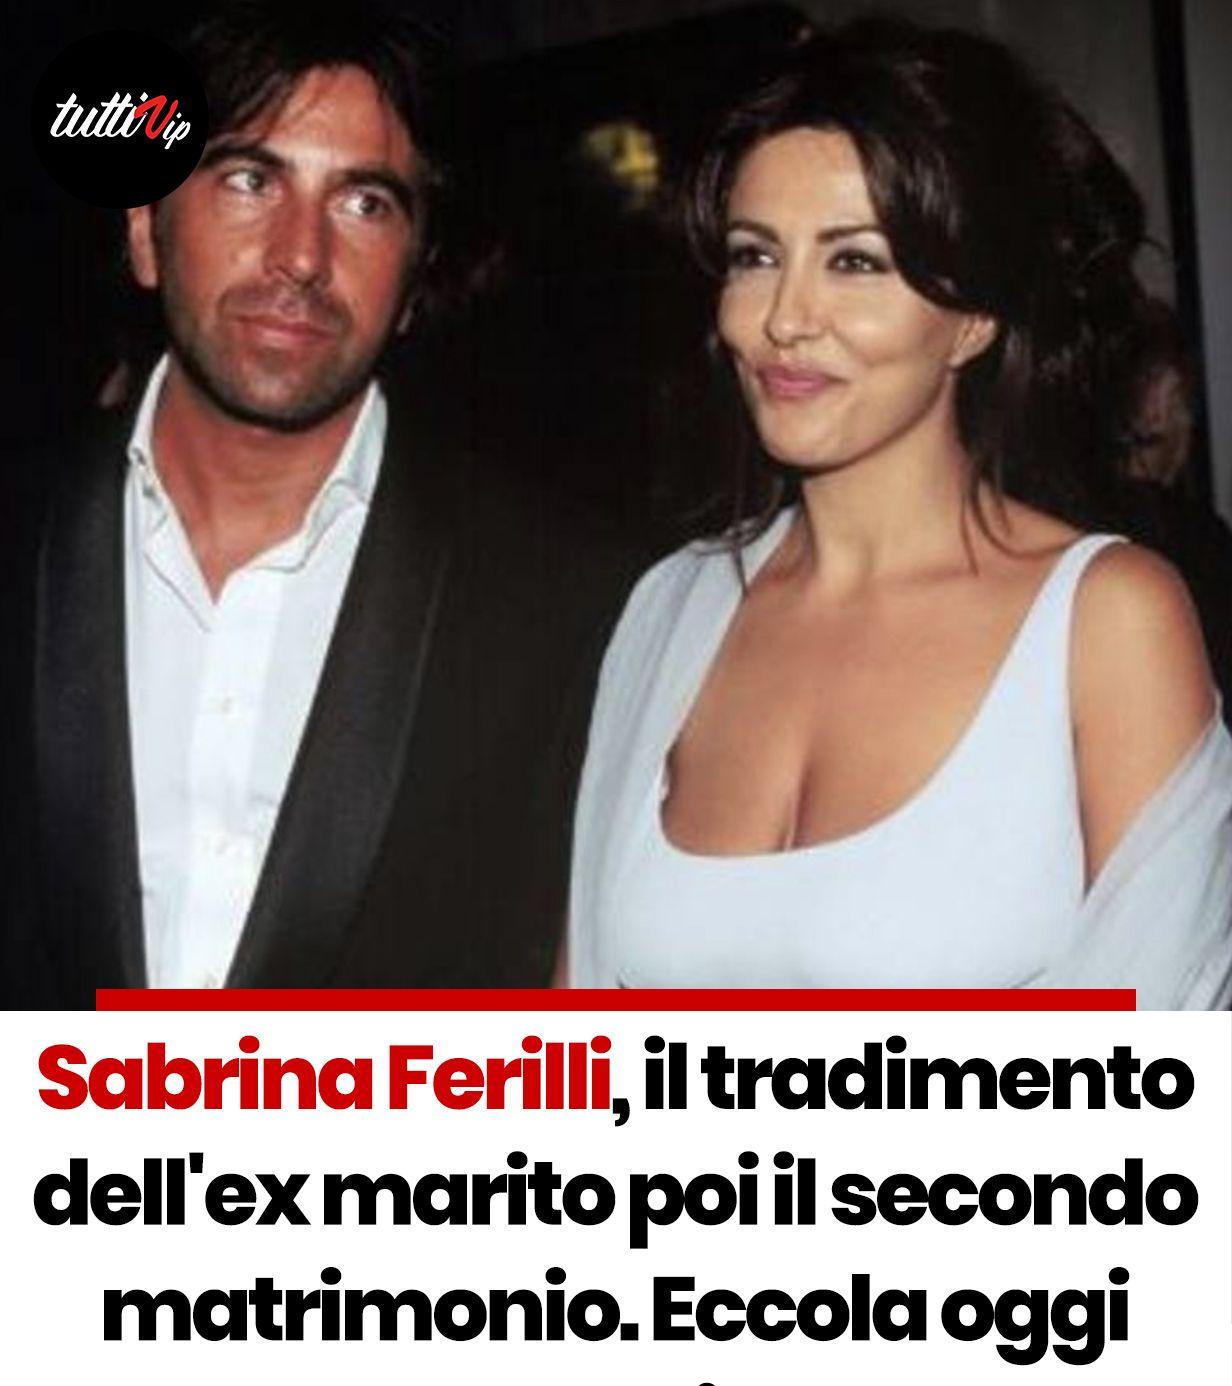 Sabrina Ferilli Il Tradimento Dell Ex Marito Poi Il Secondo Matrimonio Eccola Oggi Sorridente Peso Relazioni Sane Marito